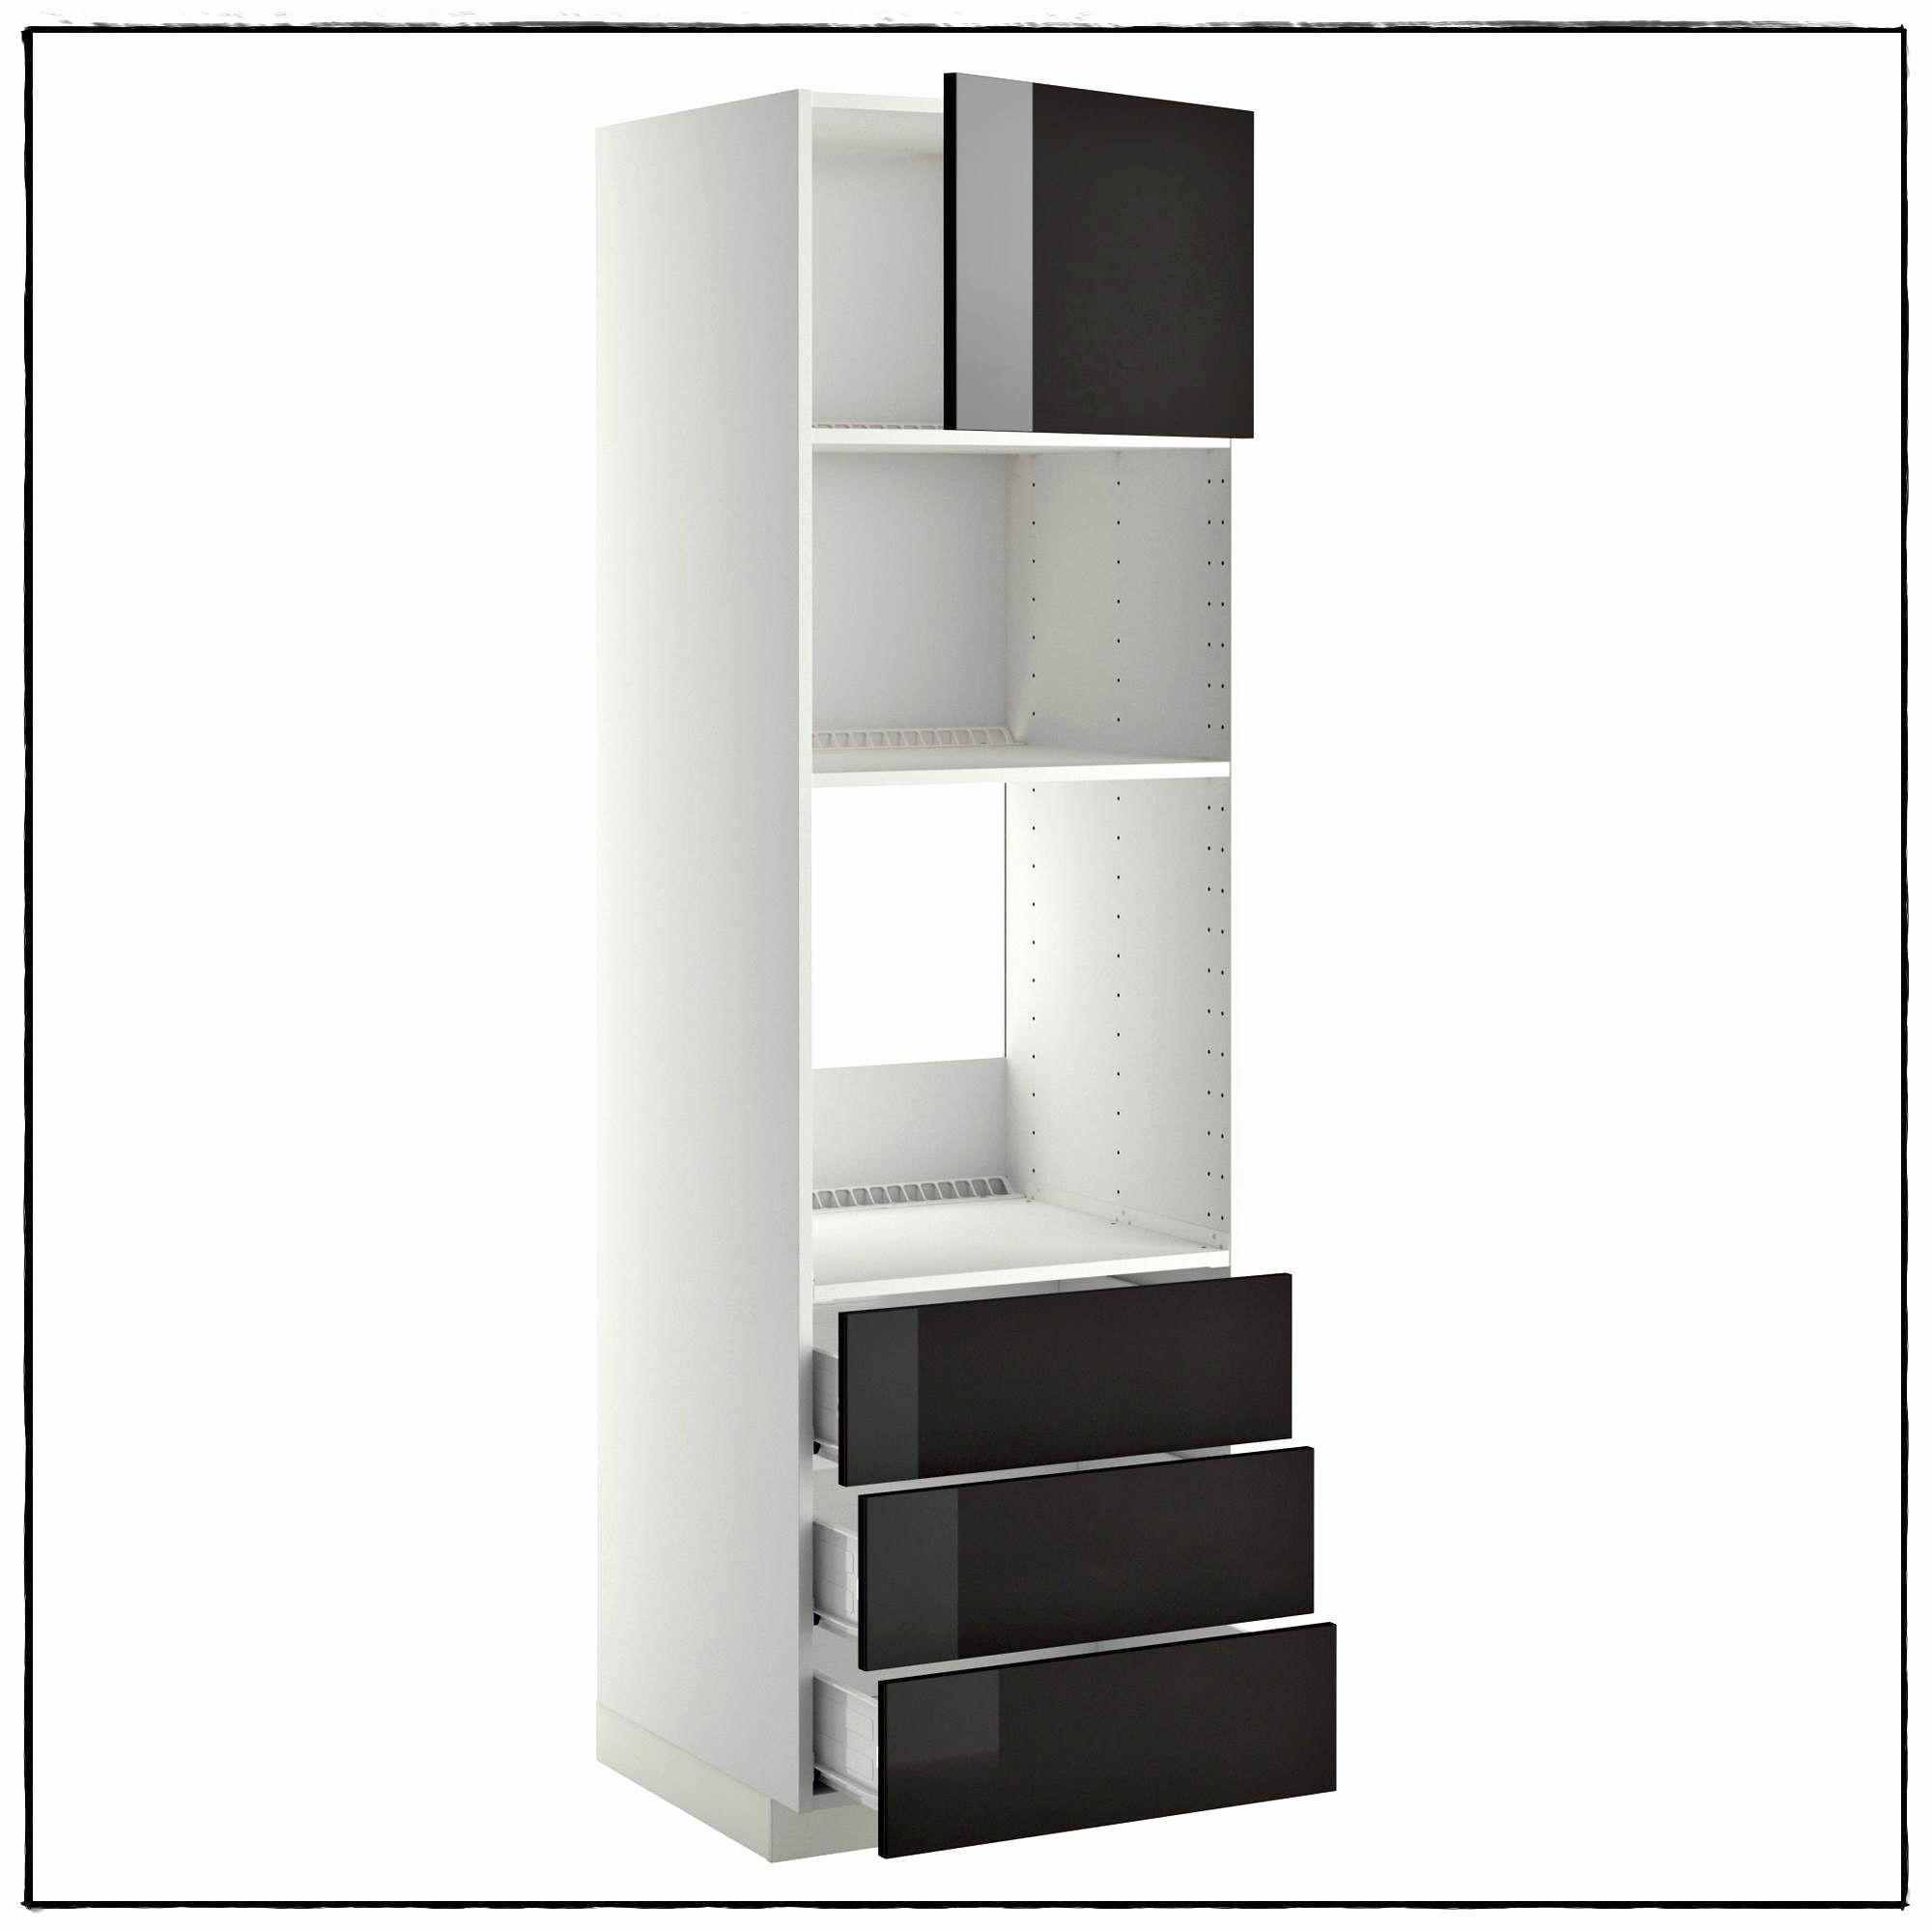 Armoire Portes Coulissantes Miroir - Armoire Portes ... à Armoire De Jardin Ikea